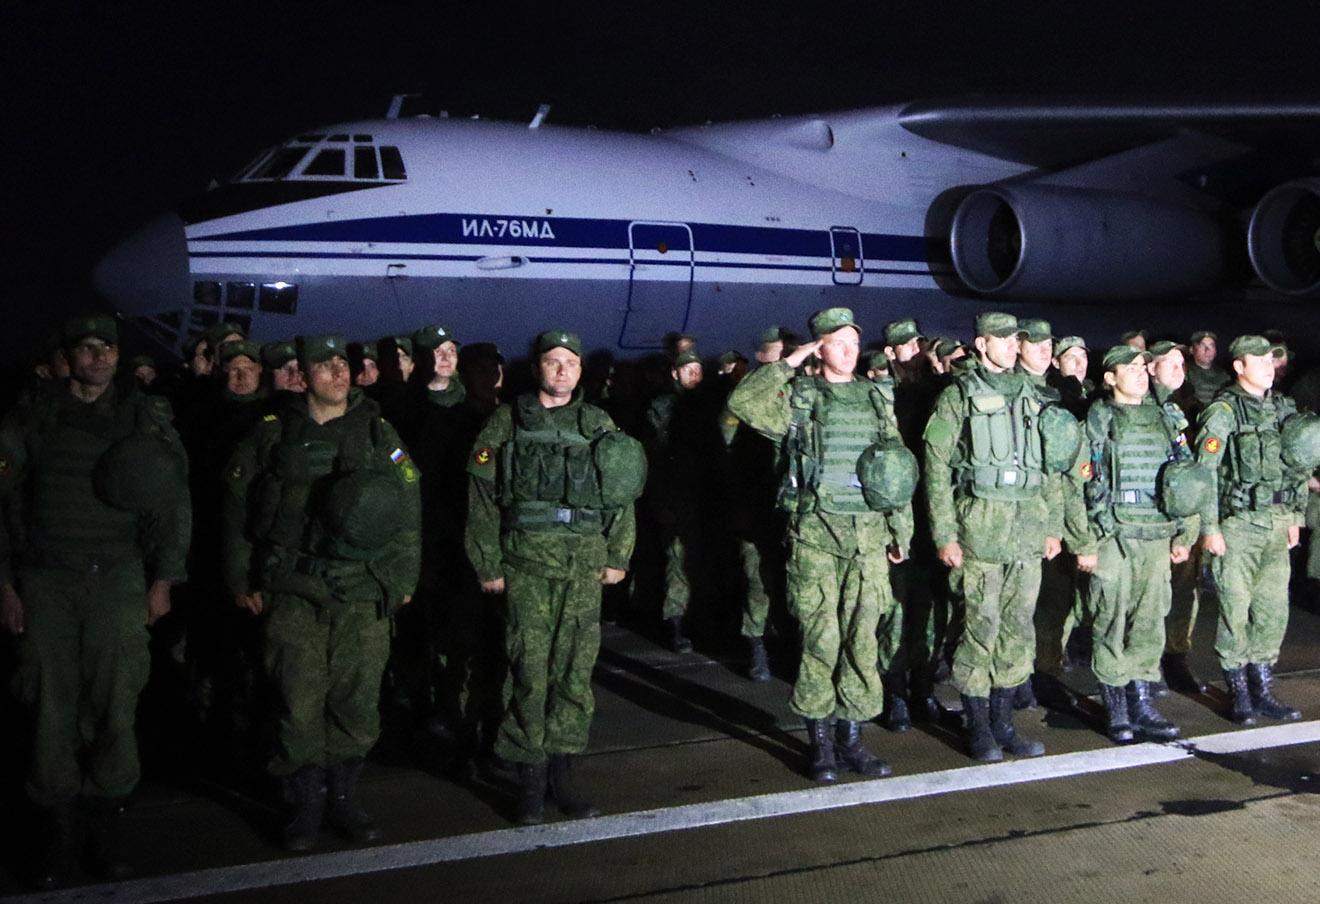 Морские пехотинцы Черноморского флота, выполнявшие задание по охране аэродрома Хмеймим в Сирии, во время торжественной встречи на аэродроме Бельбек.